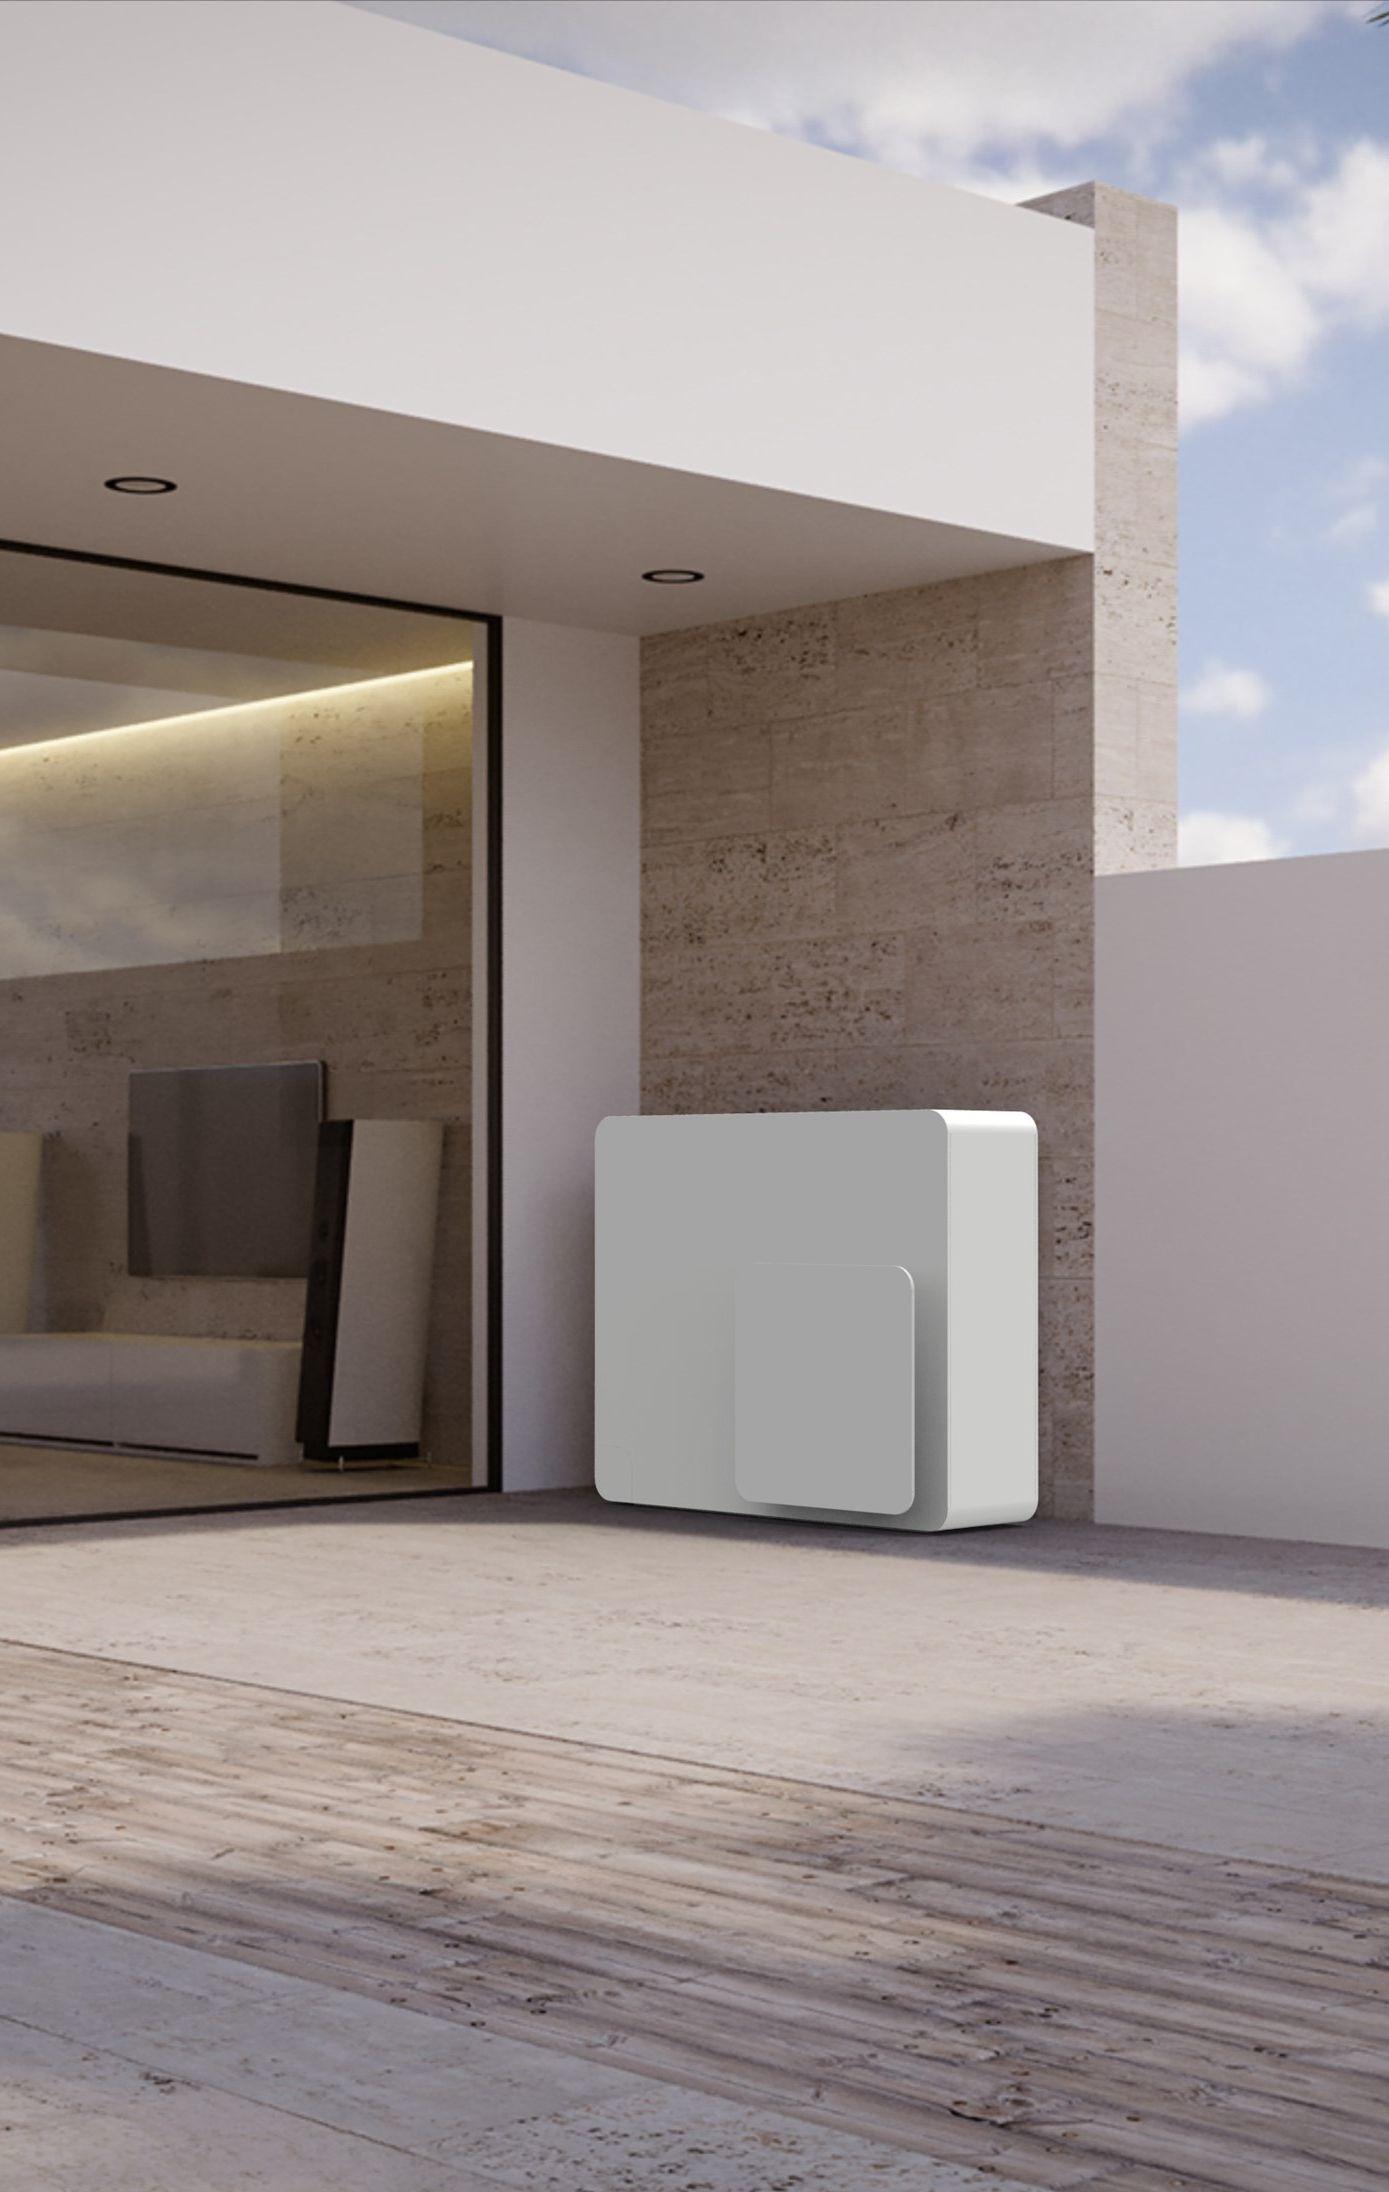 STØNE Air to water metal Heat pump Architettura